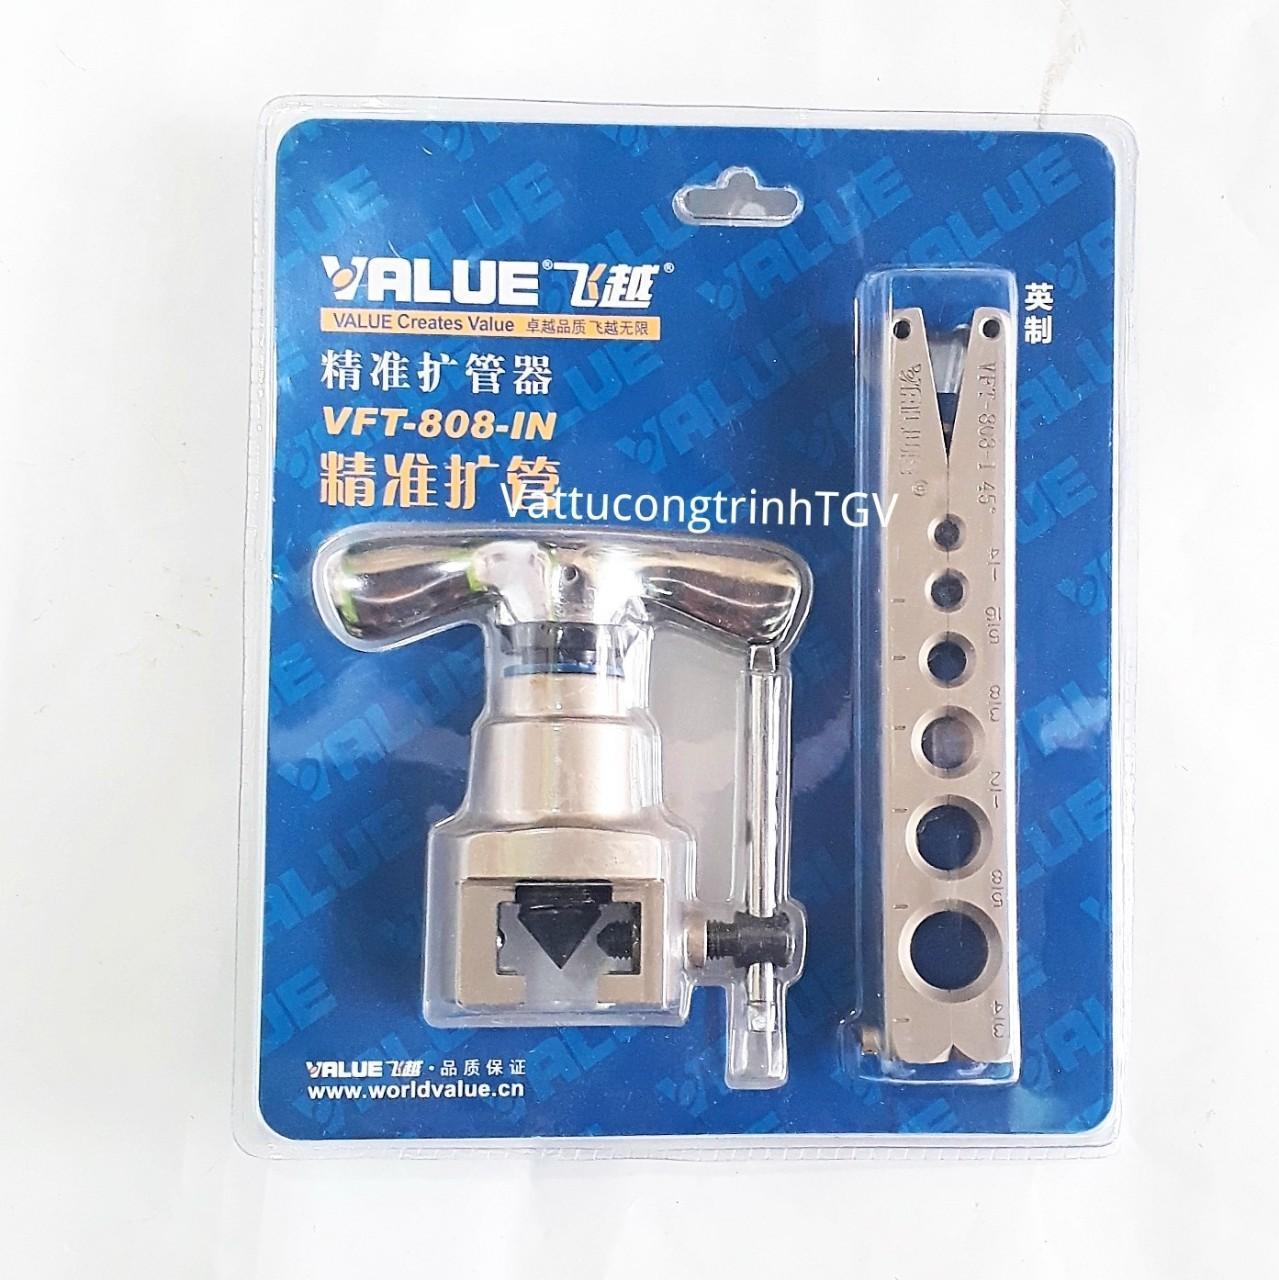 Bộ loe ống đồng lệch tâm VALUE VFT-808-IN